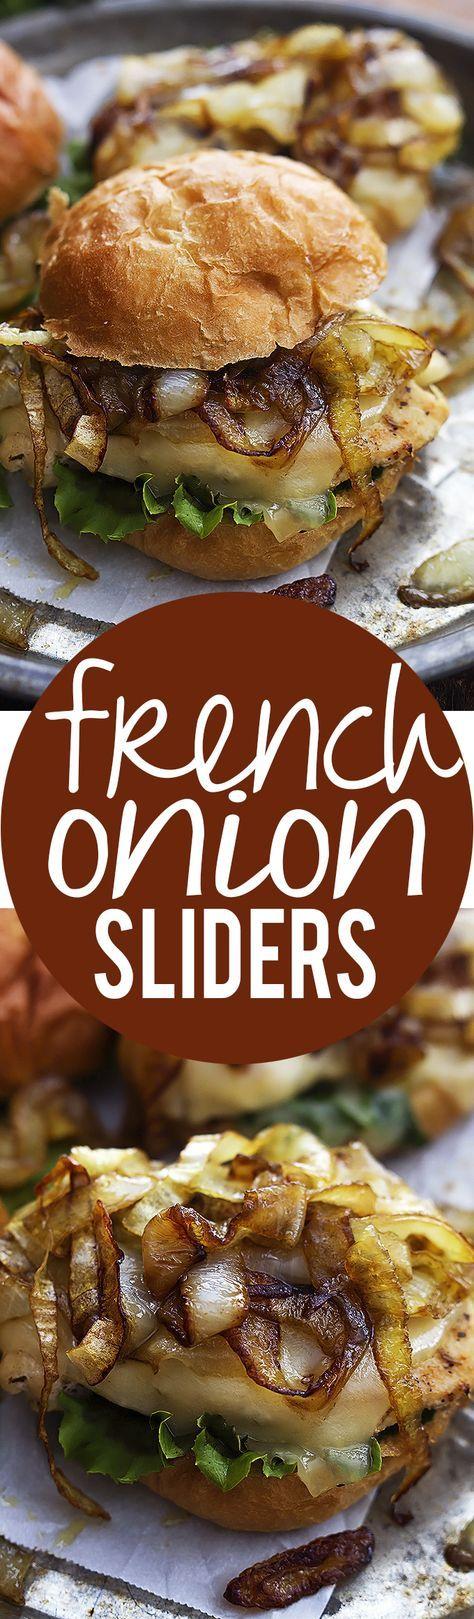 French Onion Chicken Sliders | Creme de la Crumb